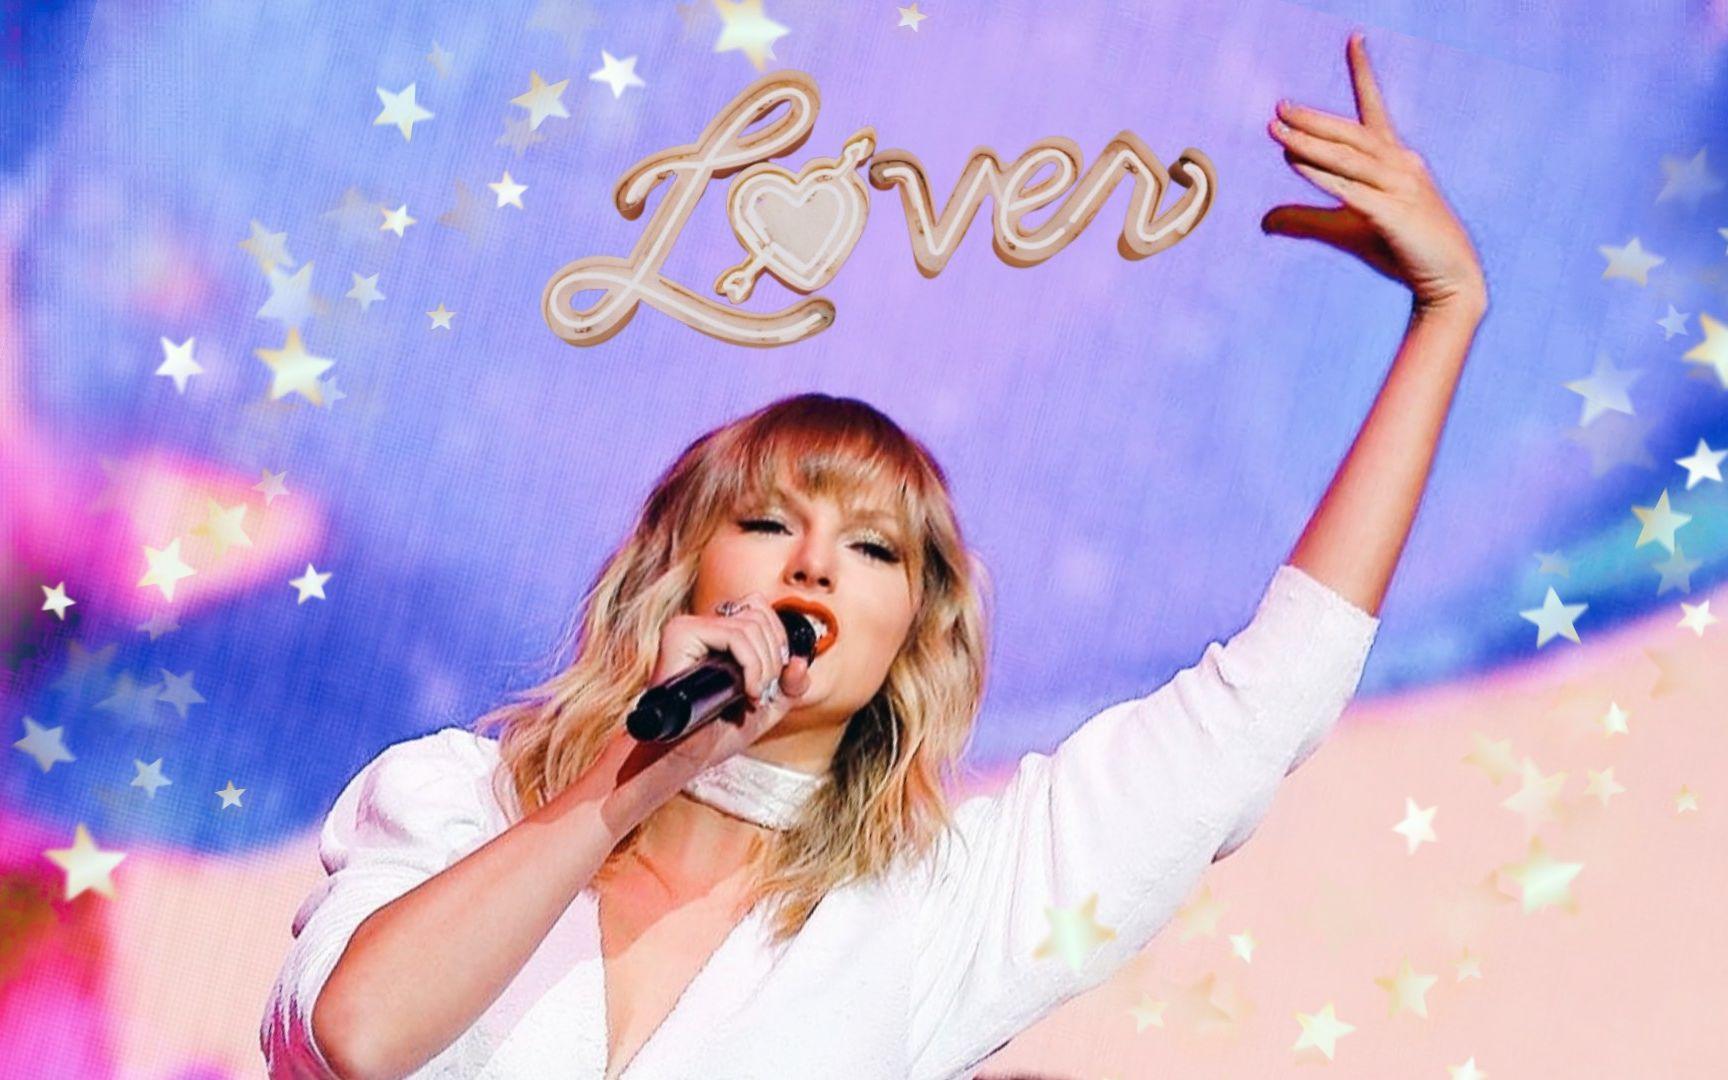 taylorswift演唱会_霉霉Taylor Swift最新现场《Lover》_哔哩哔哩 (゜-゜)つロ 干杯~-bilibili